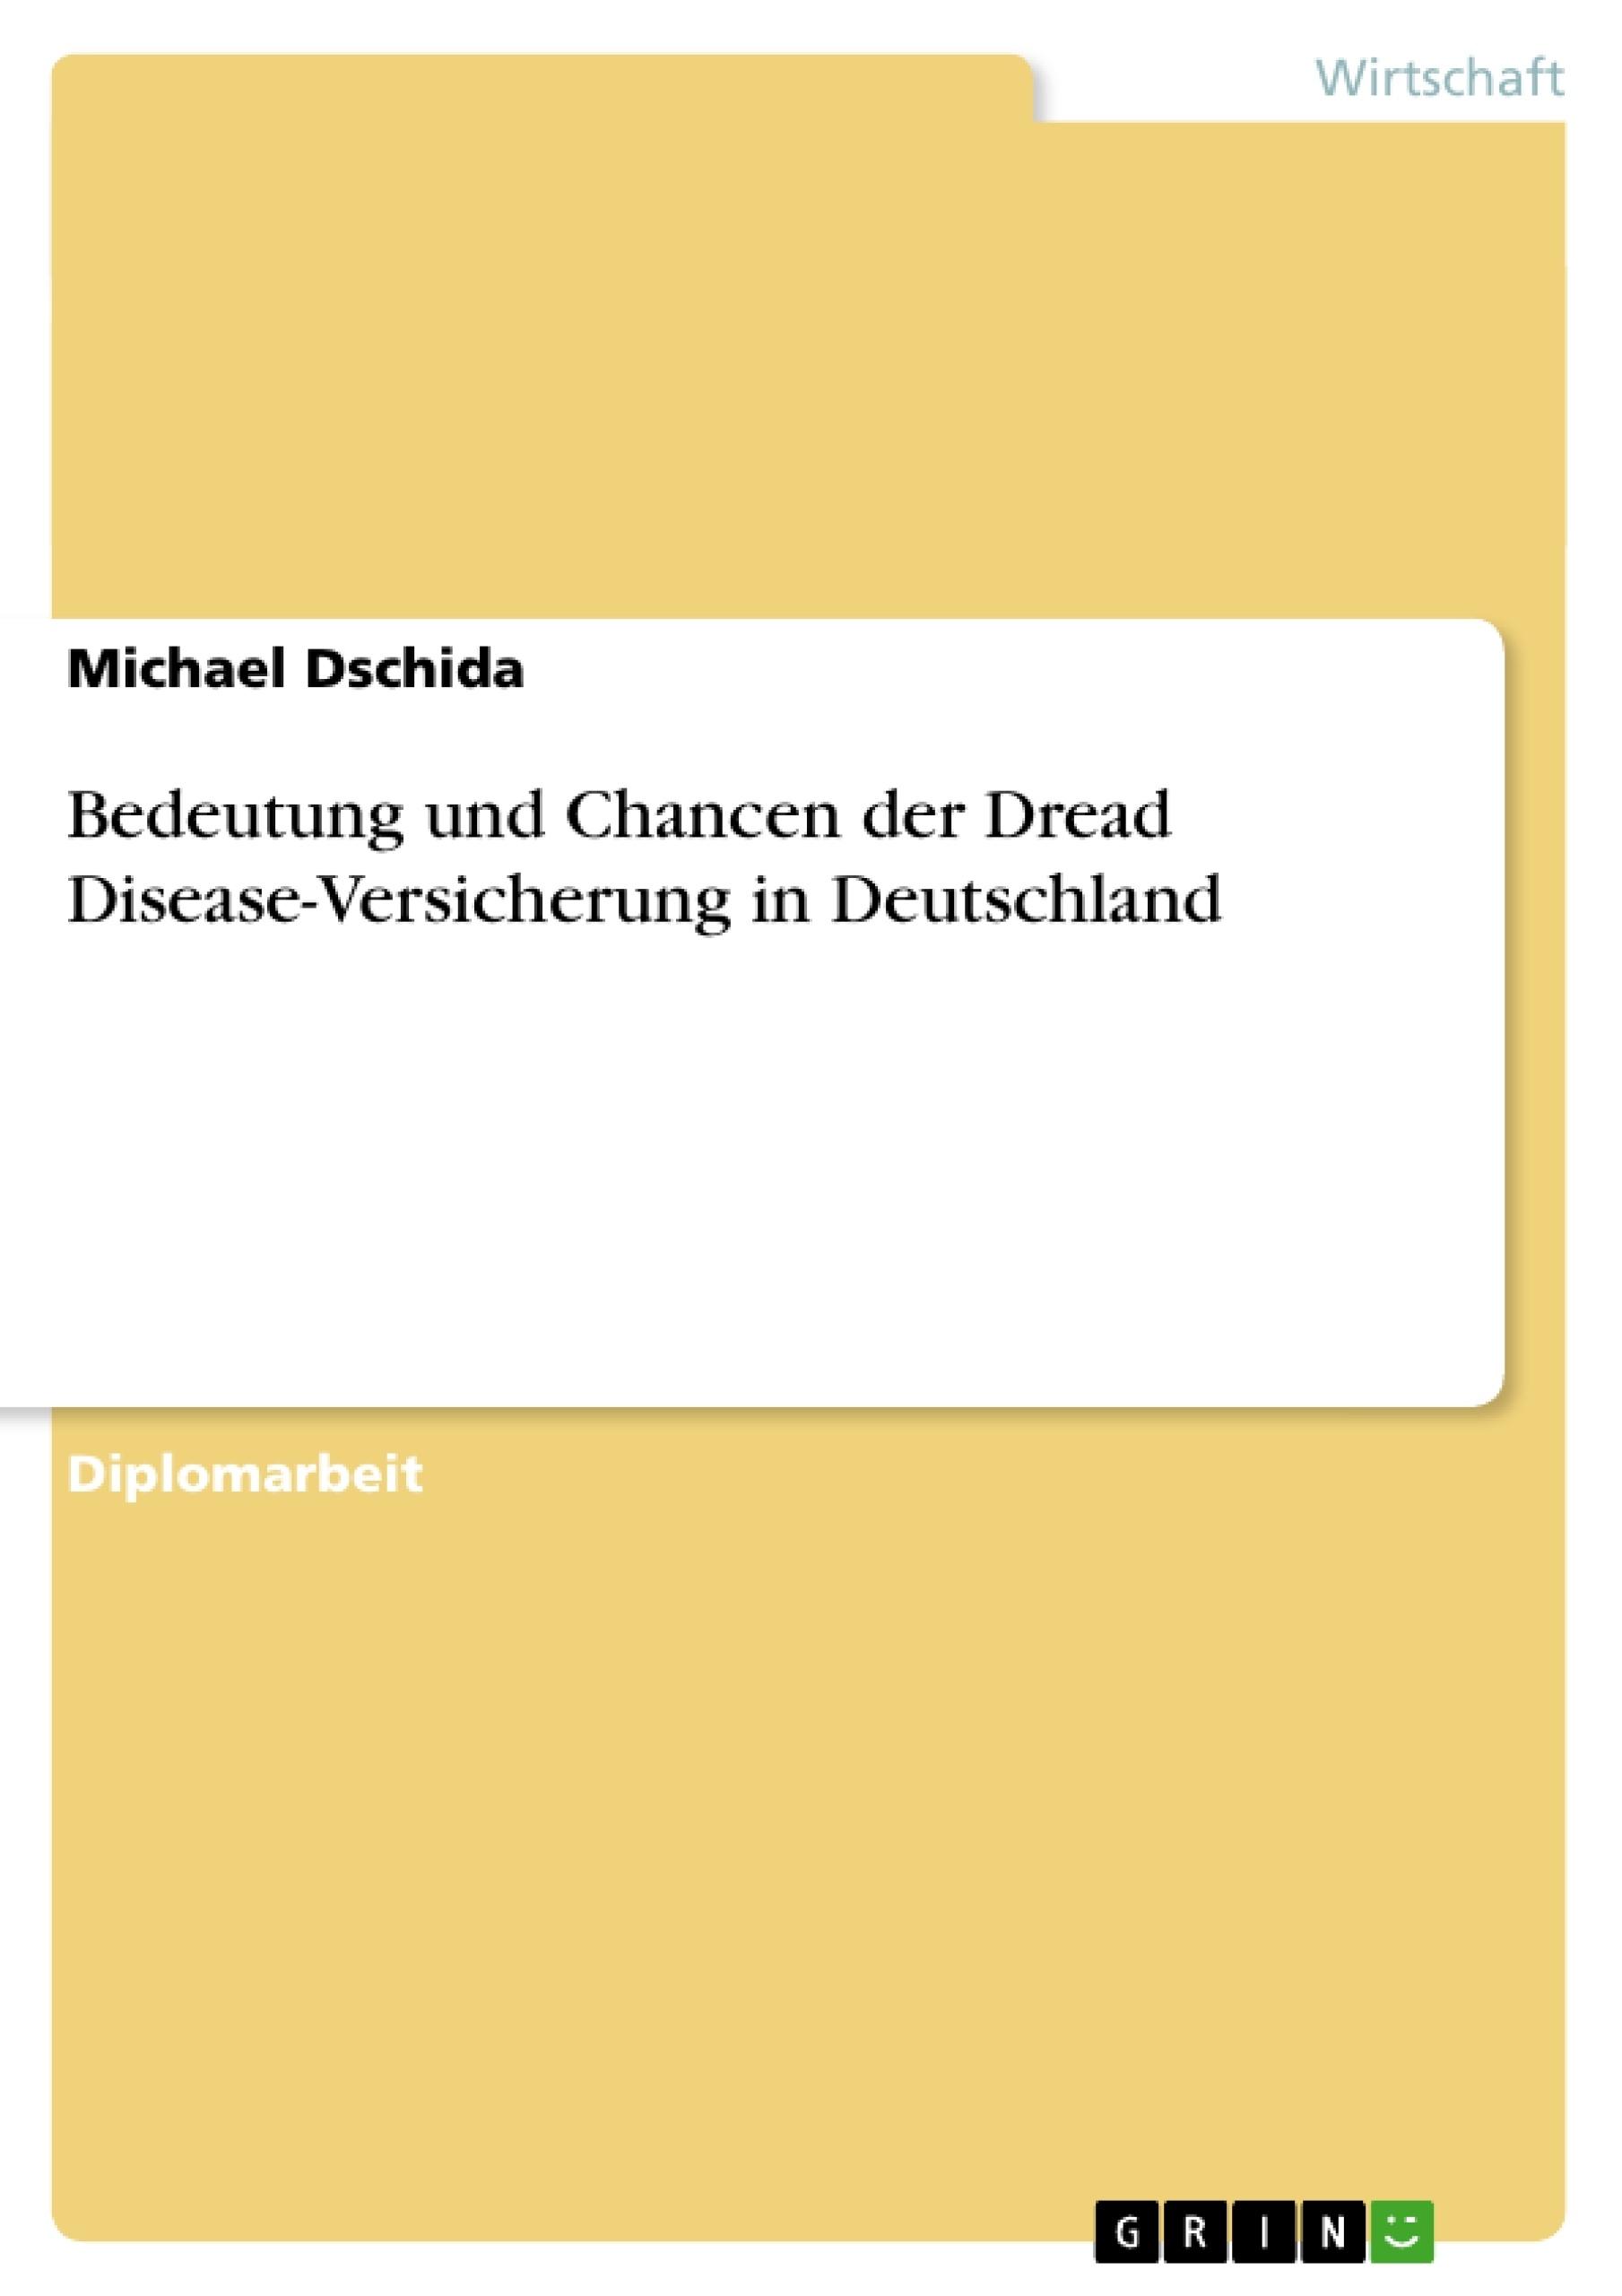 Titel: Bedeutung und Chancen der Dread Disease-Versicherung in Deutschland